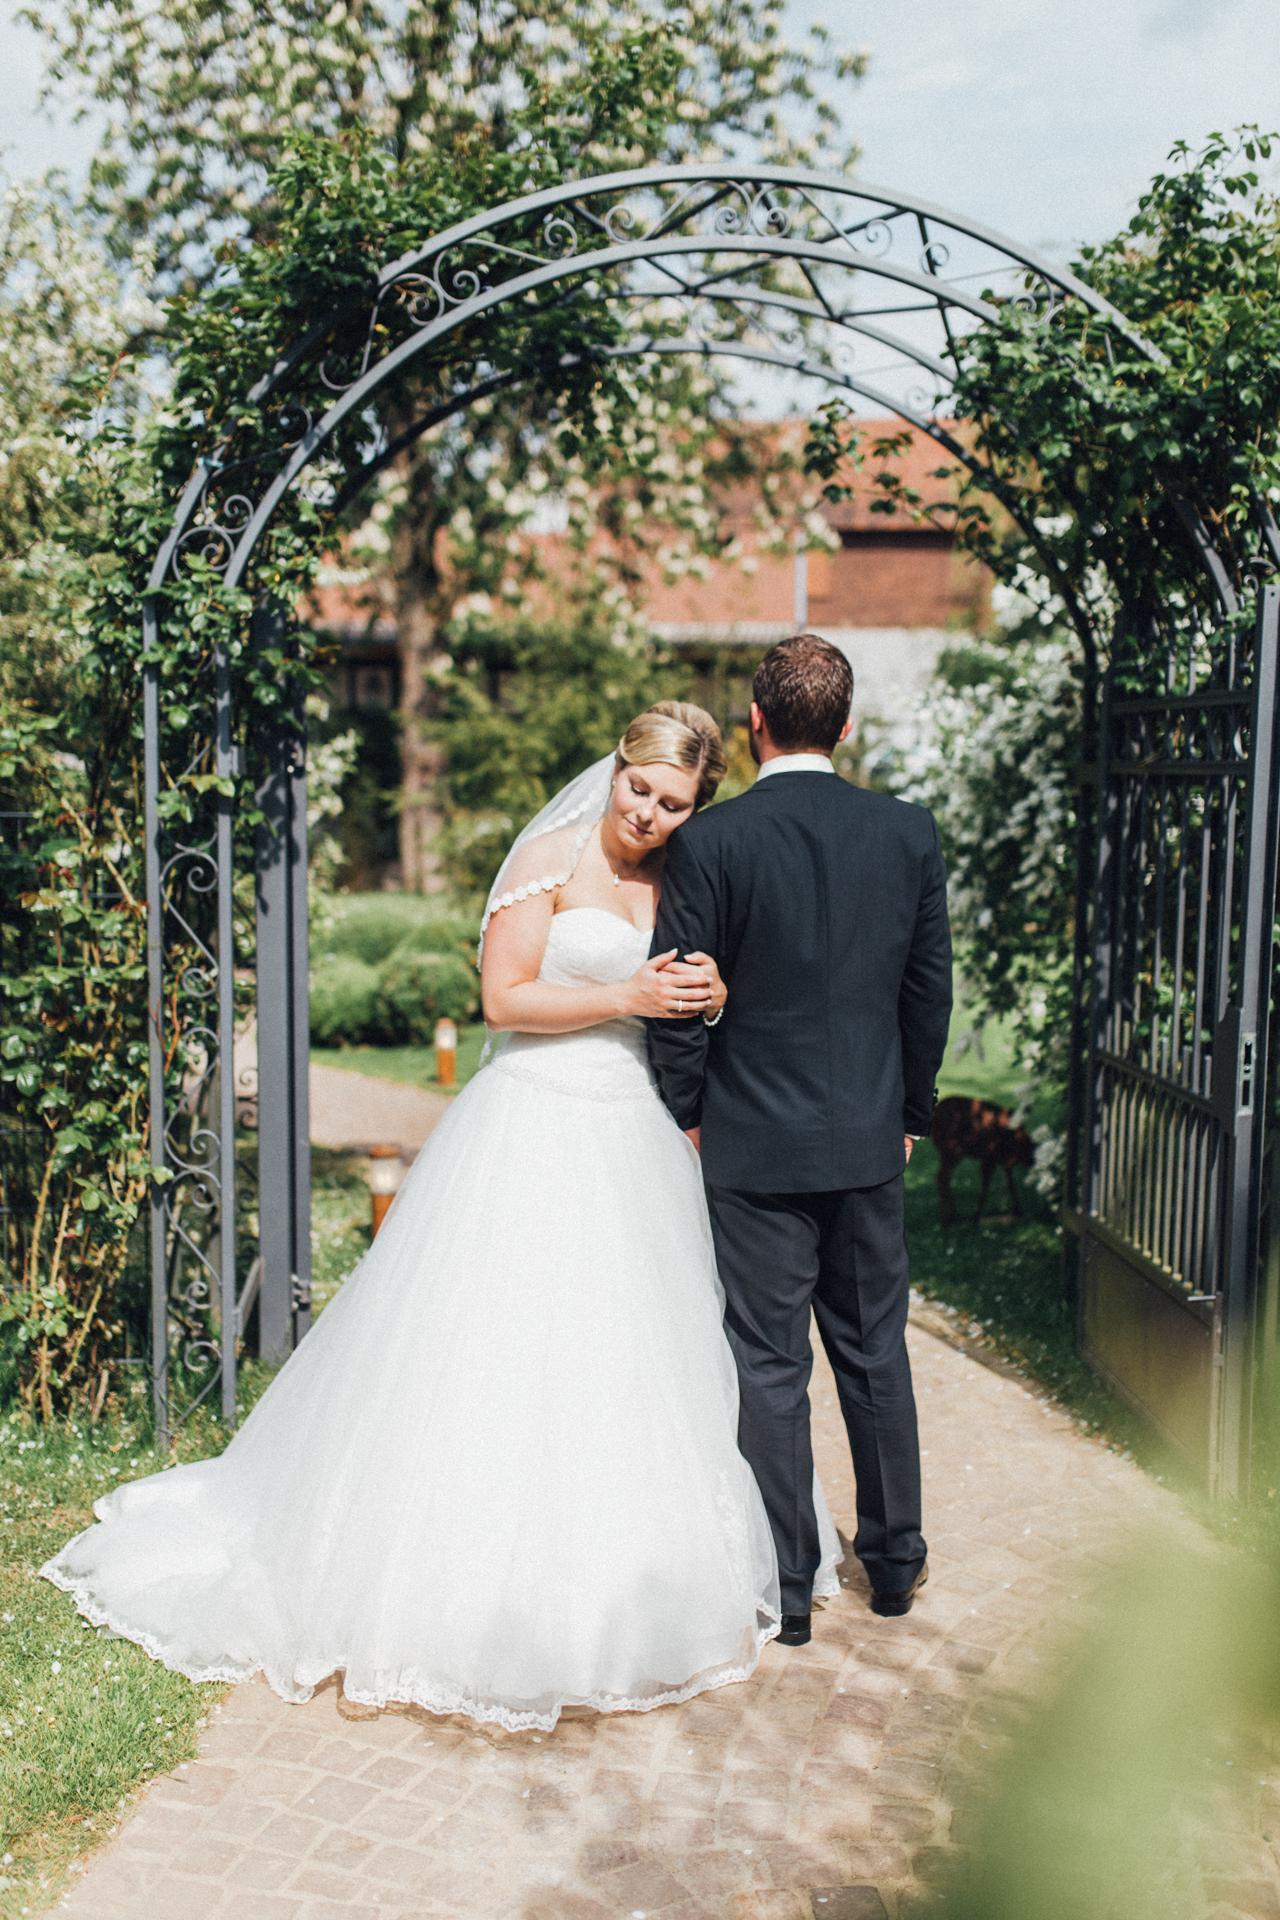 Hochzeit Eventscheune Dagobertshausen - Julia & Florian - Sandra Socha Fotografie - 81